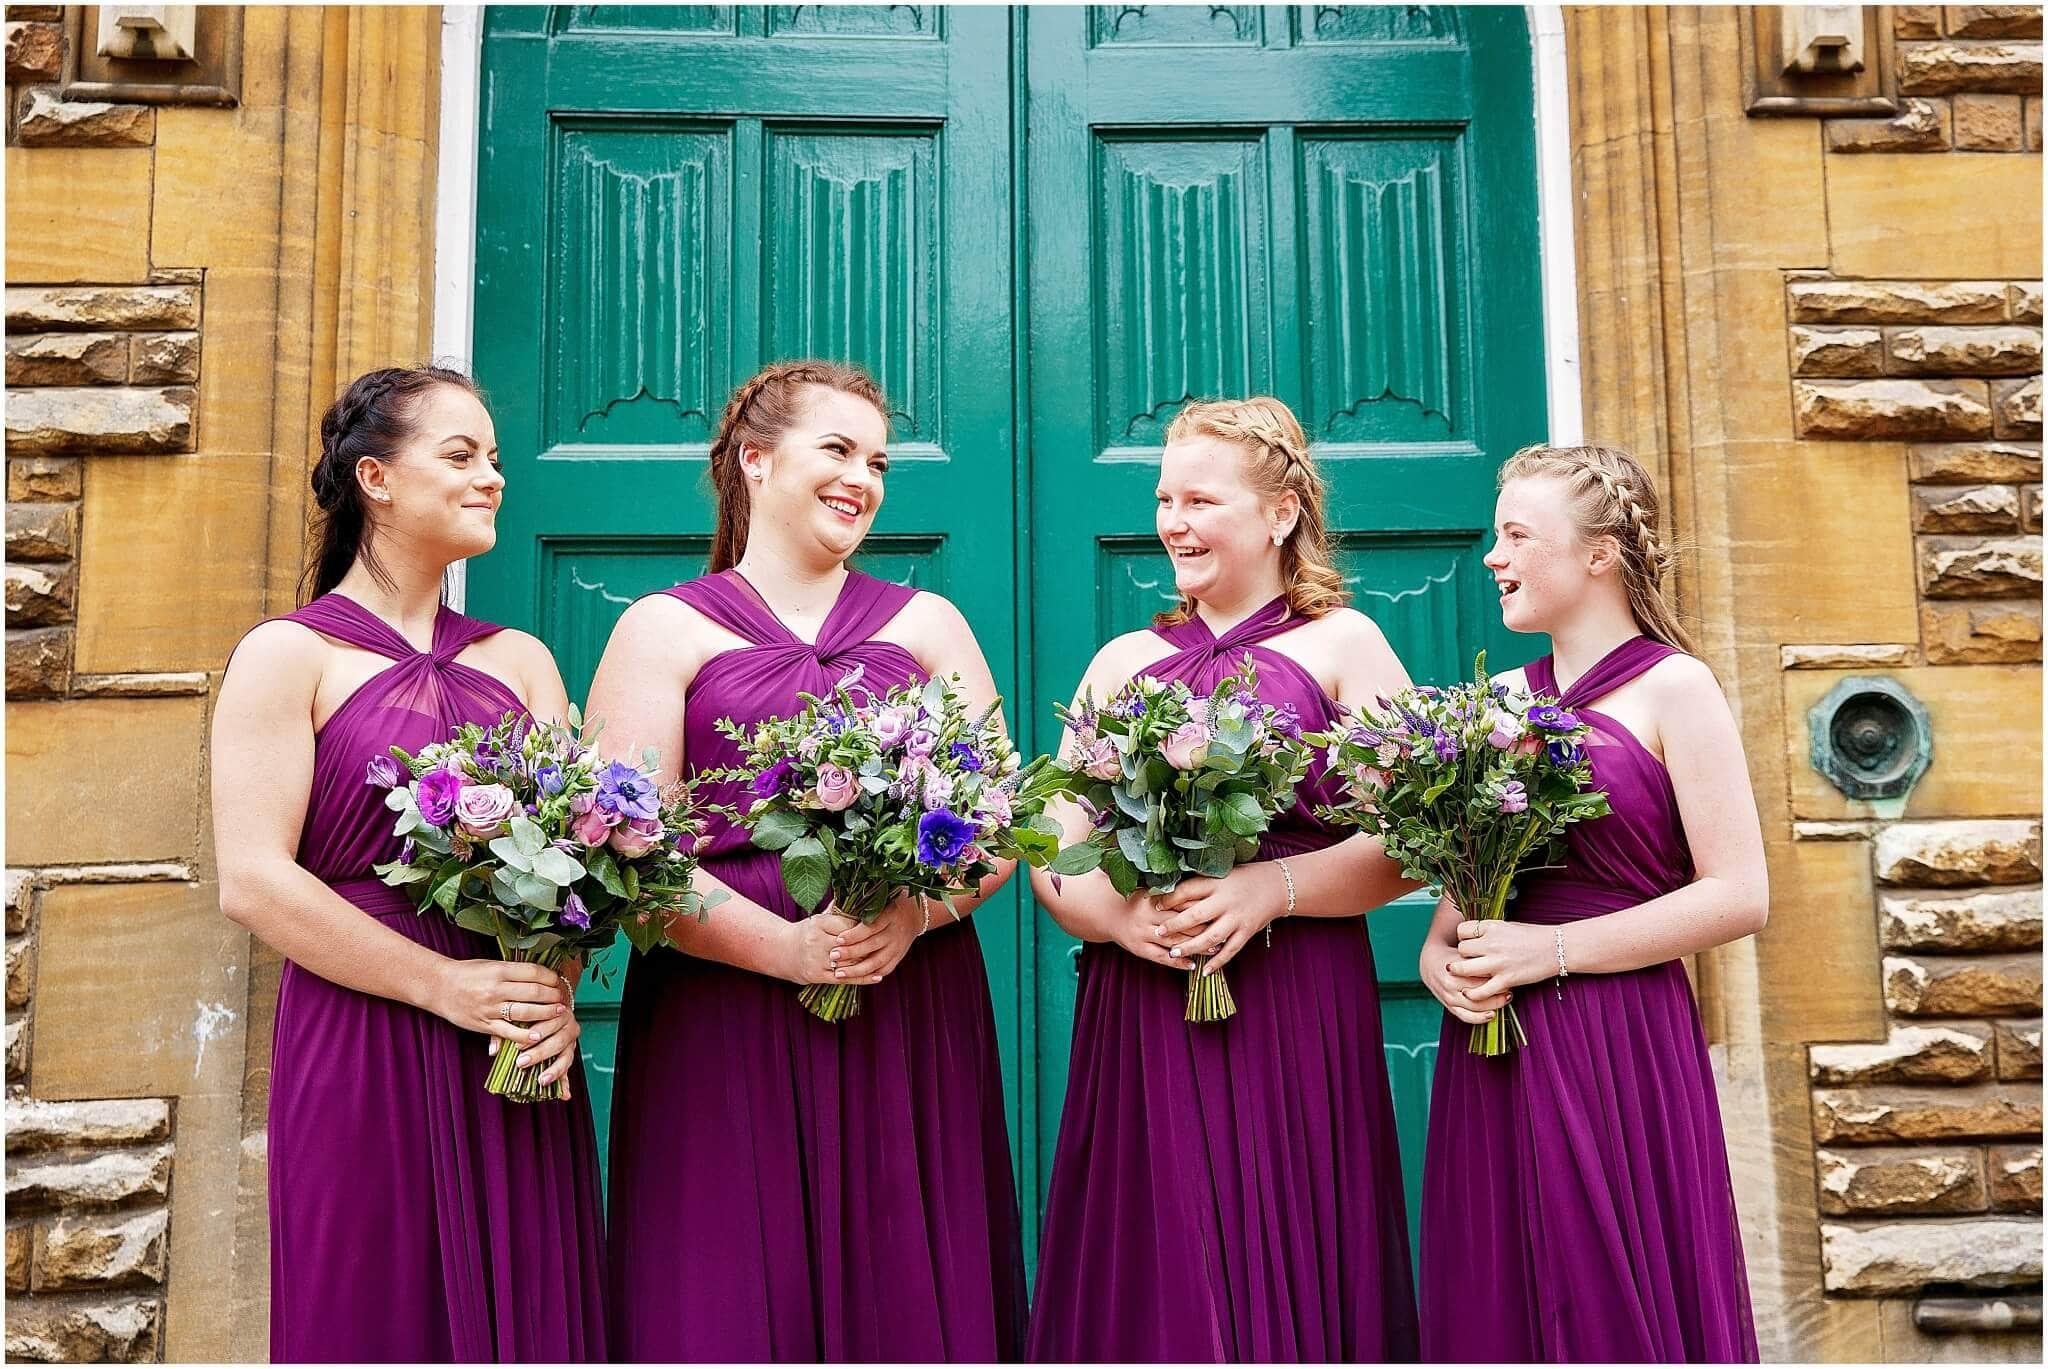 Blush Bridal dresses